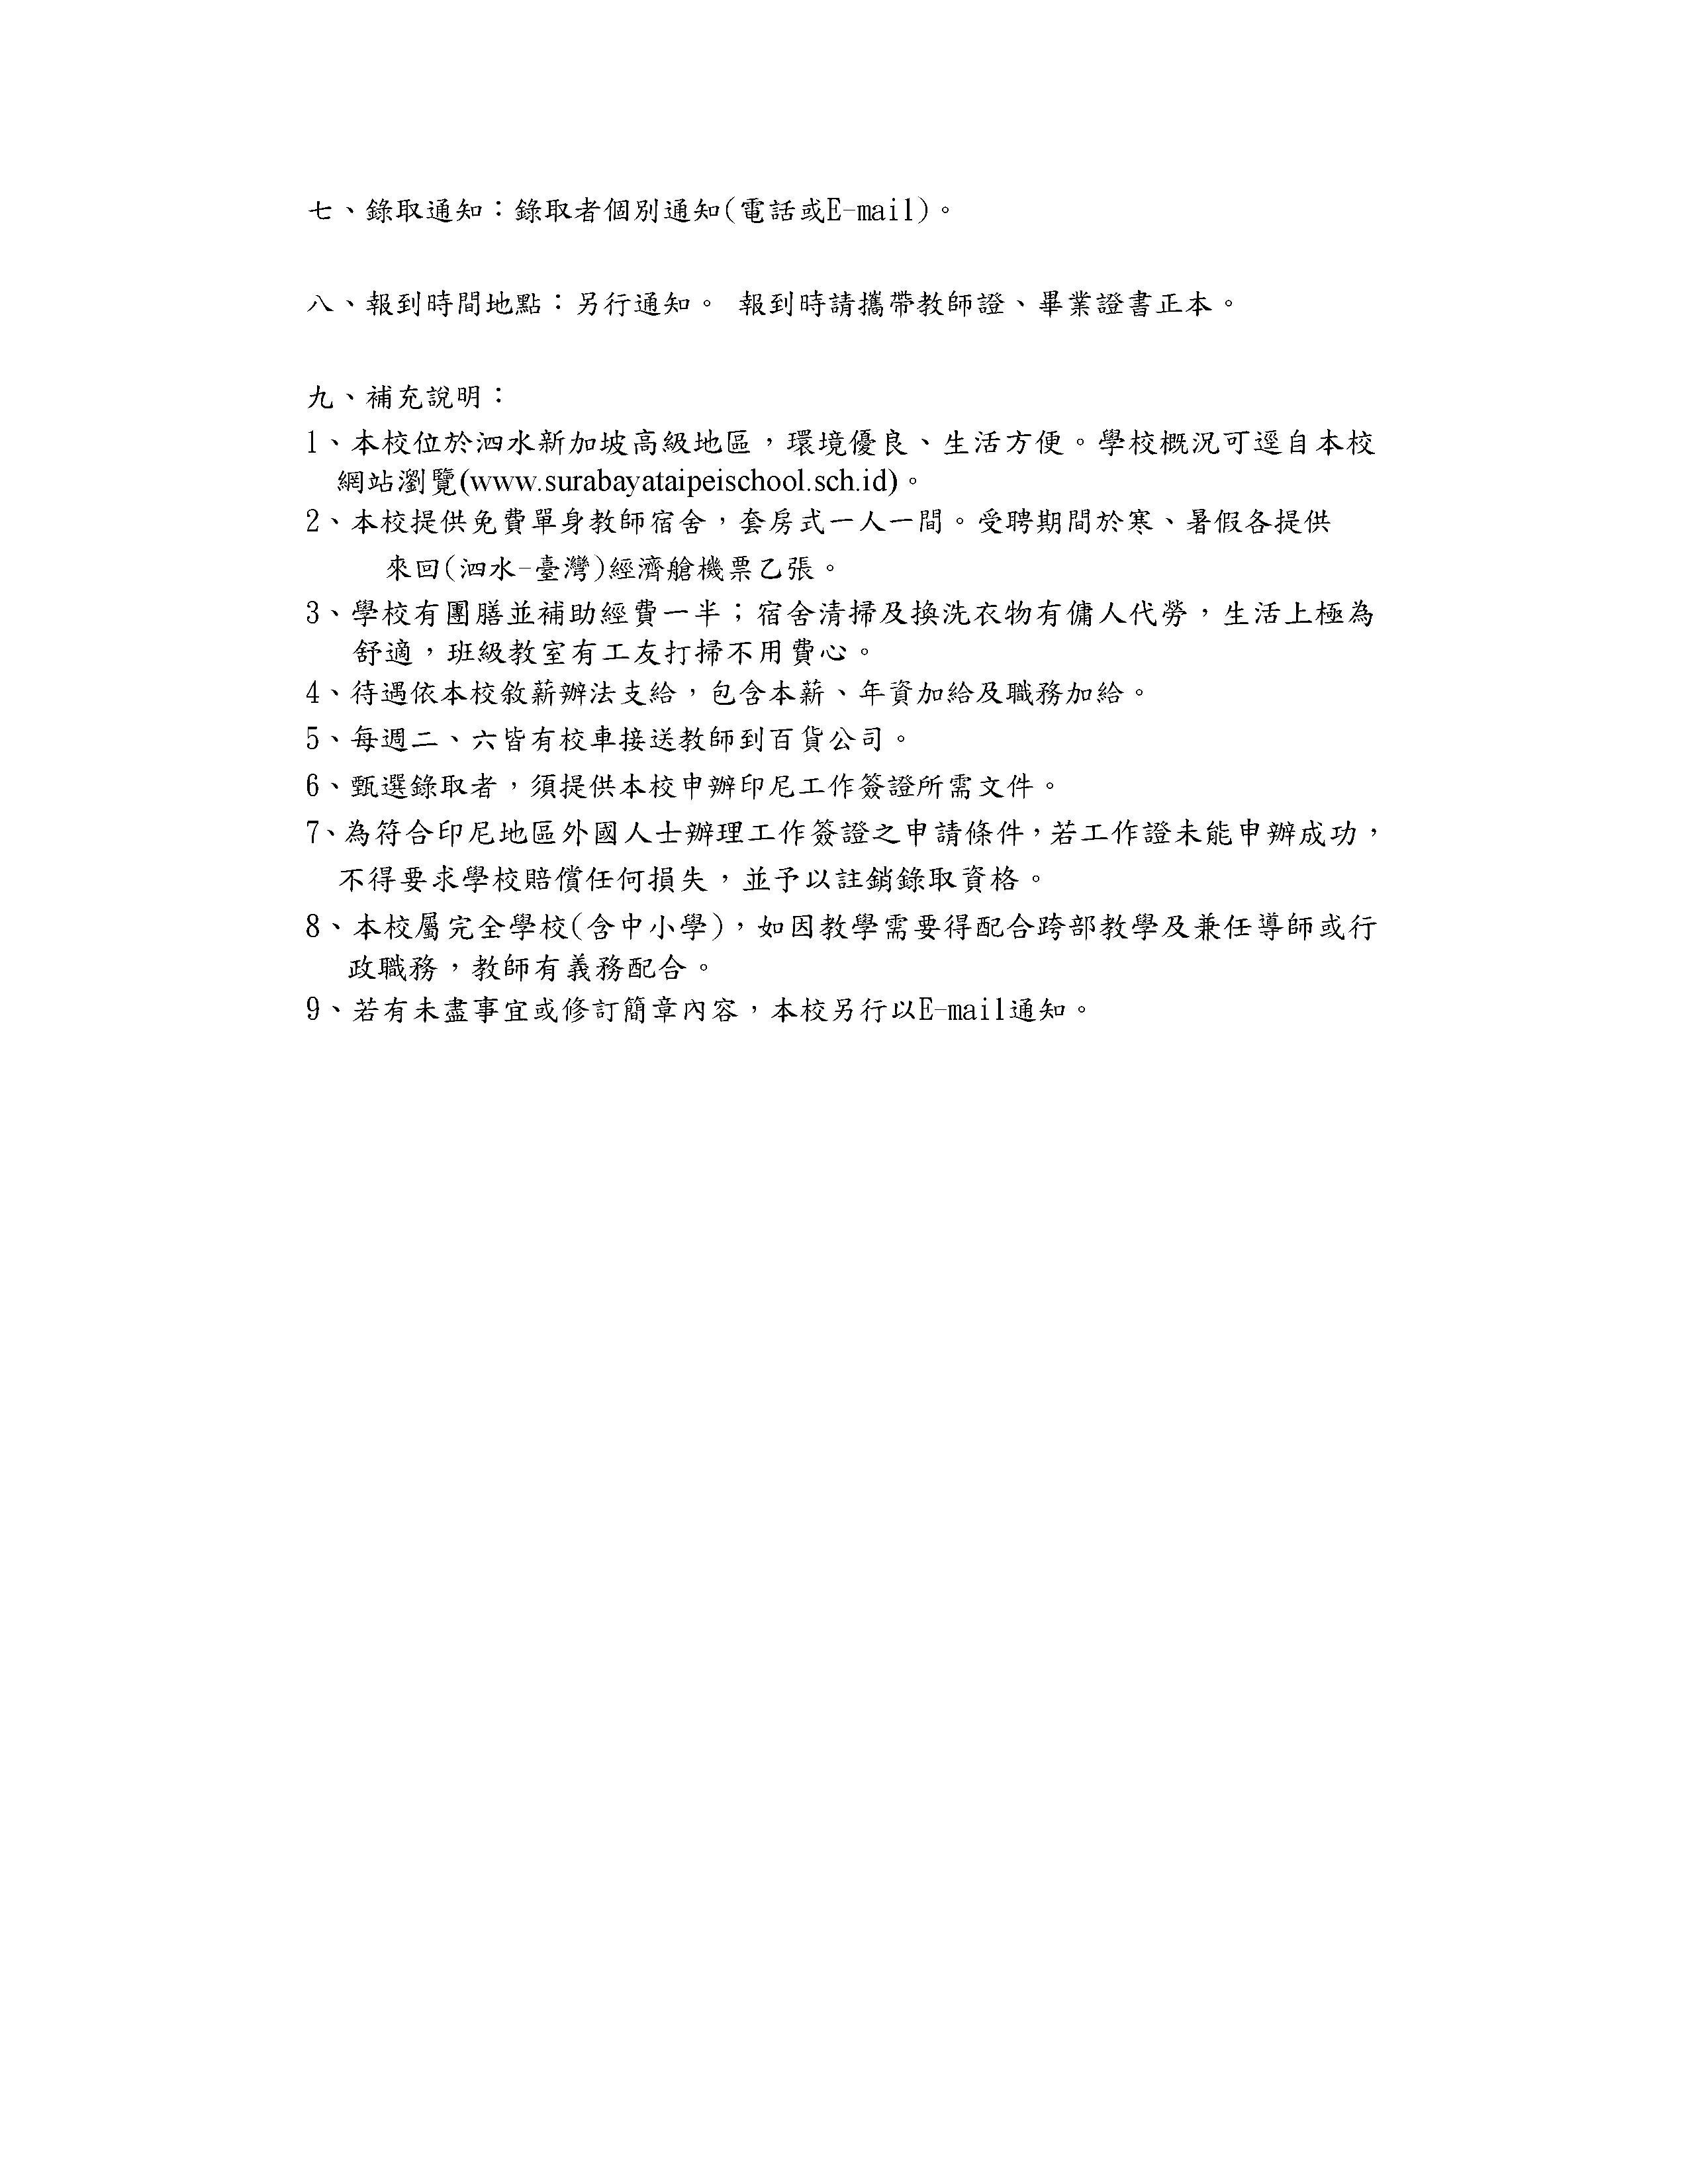 Microsoft Word - 108學年度小學部第三次教師甄選簡章108.6.25.doc0001